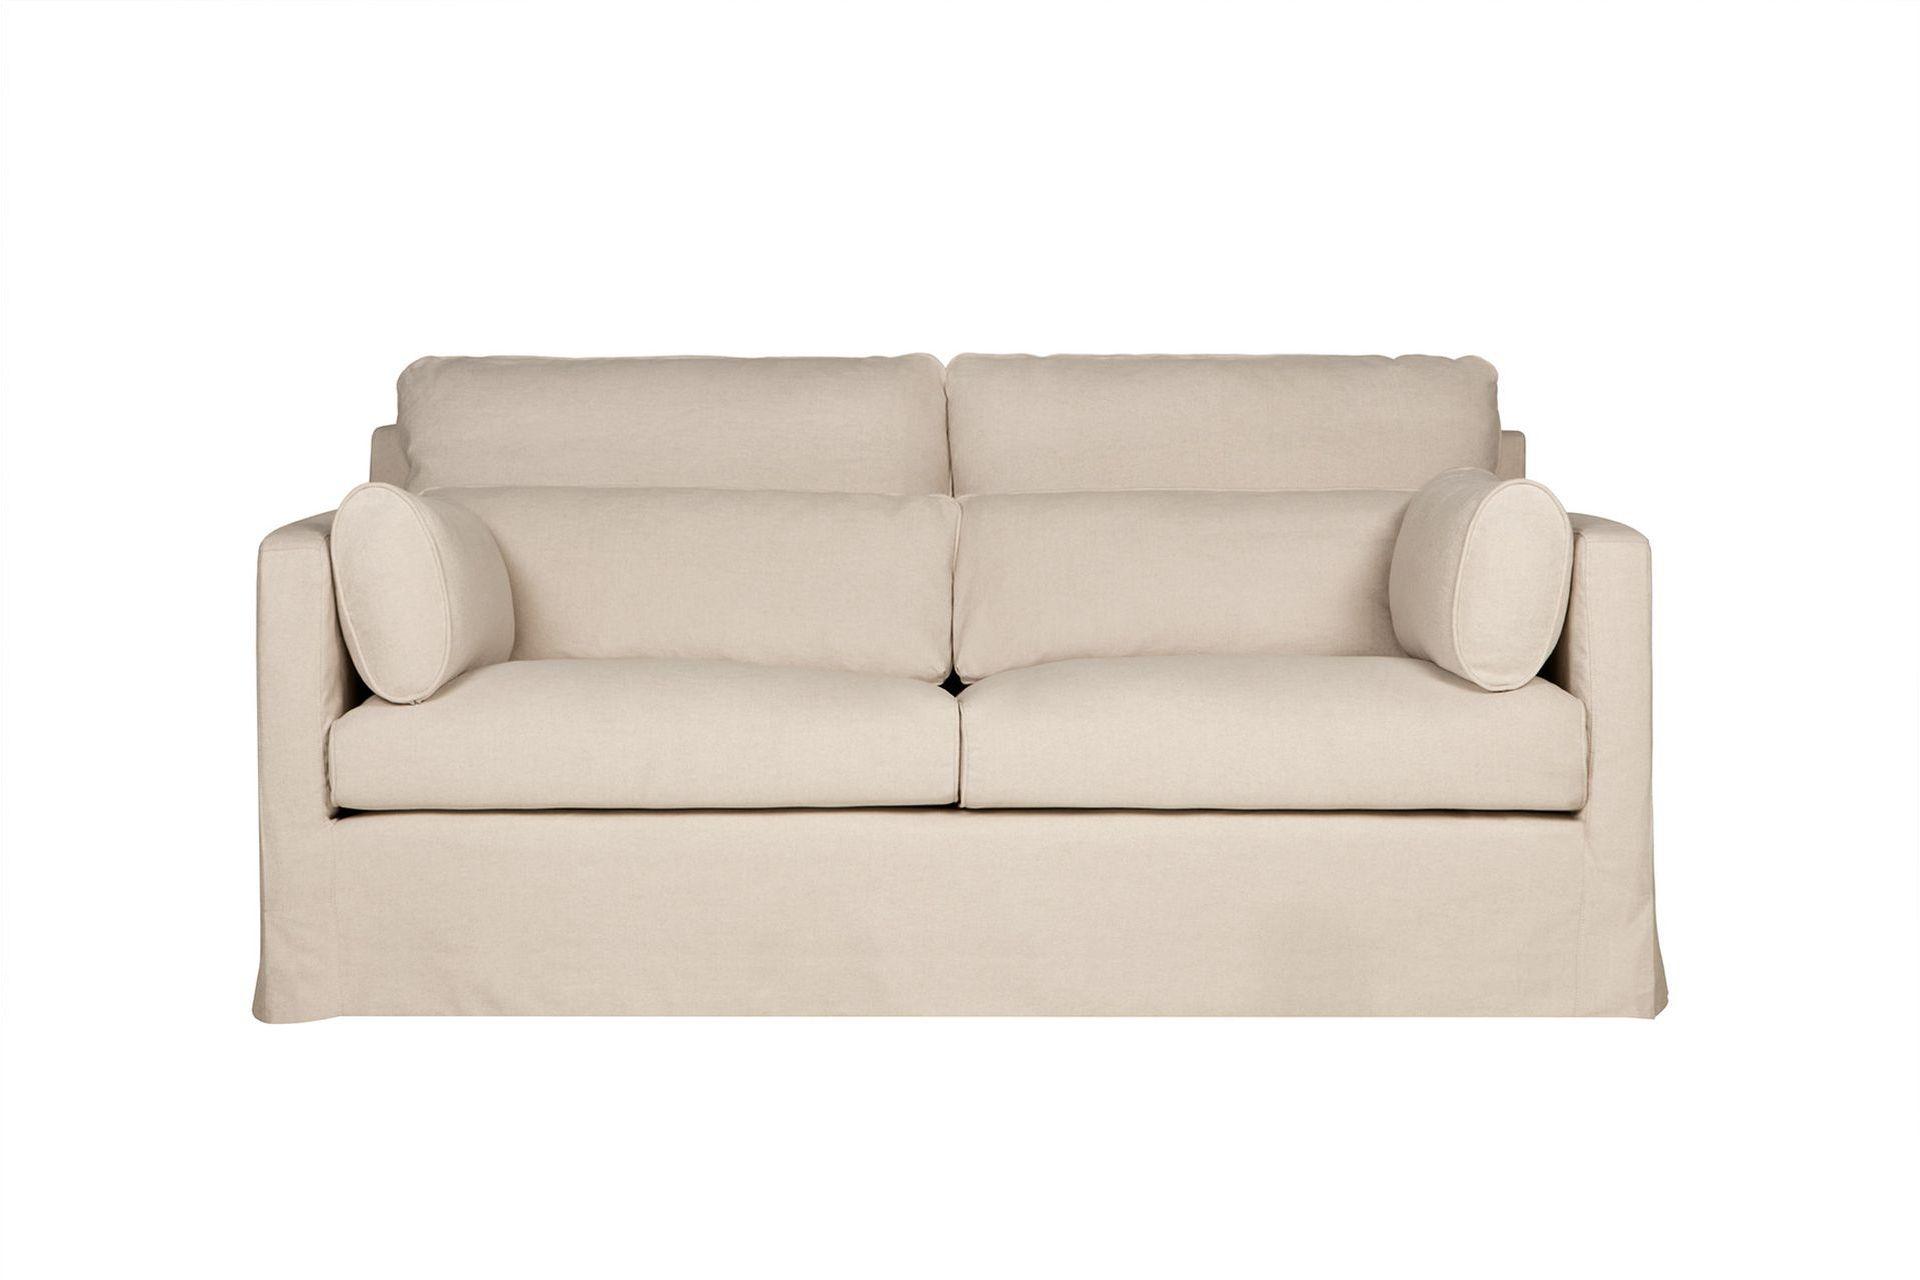 """Купить Диван """"sara"""" (Sits) бежевый текстиль 180x82x100 см. 86838 в интернет магазине. Цены, фото, описания, характеристики, отзывы, обзоры"""